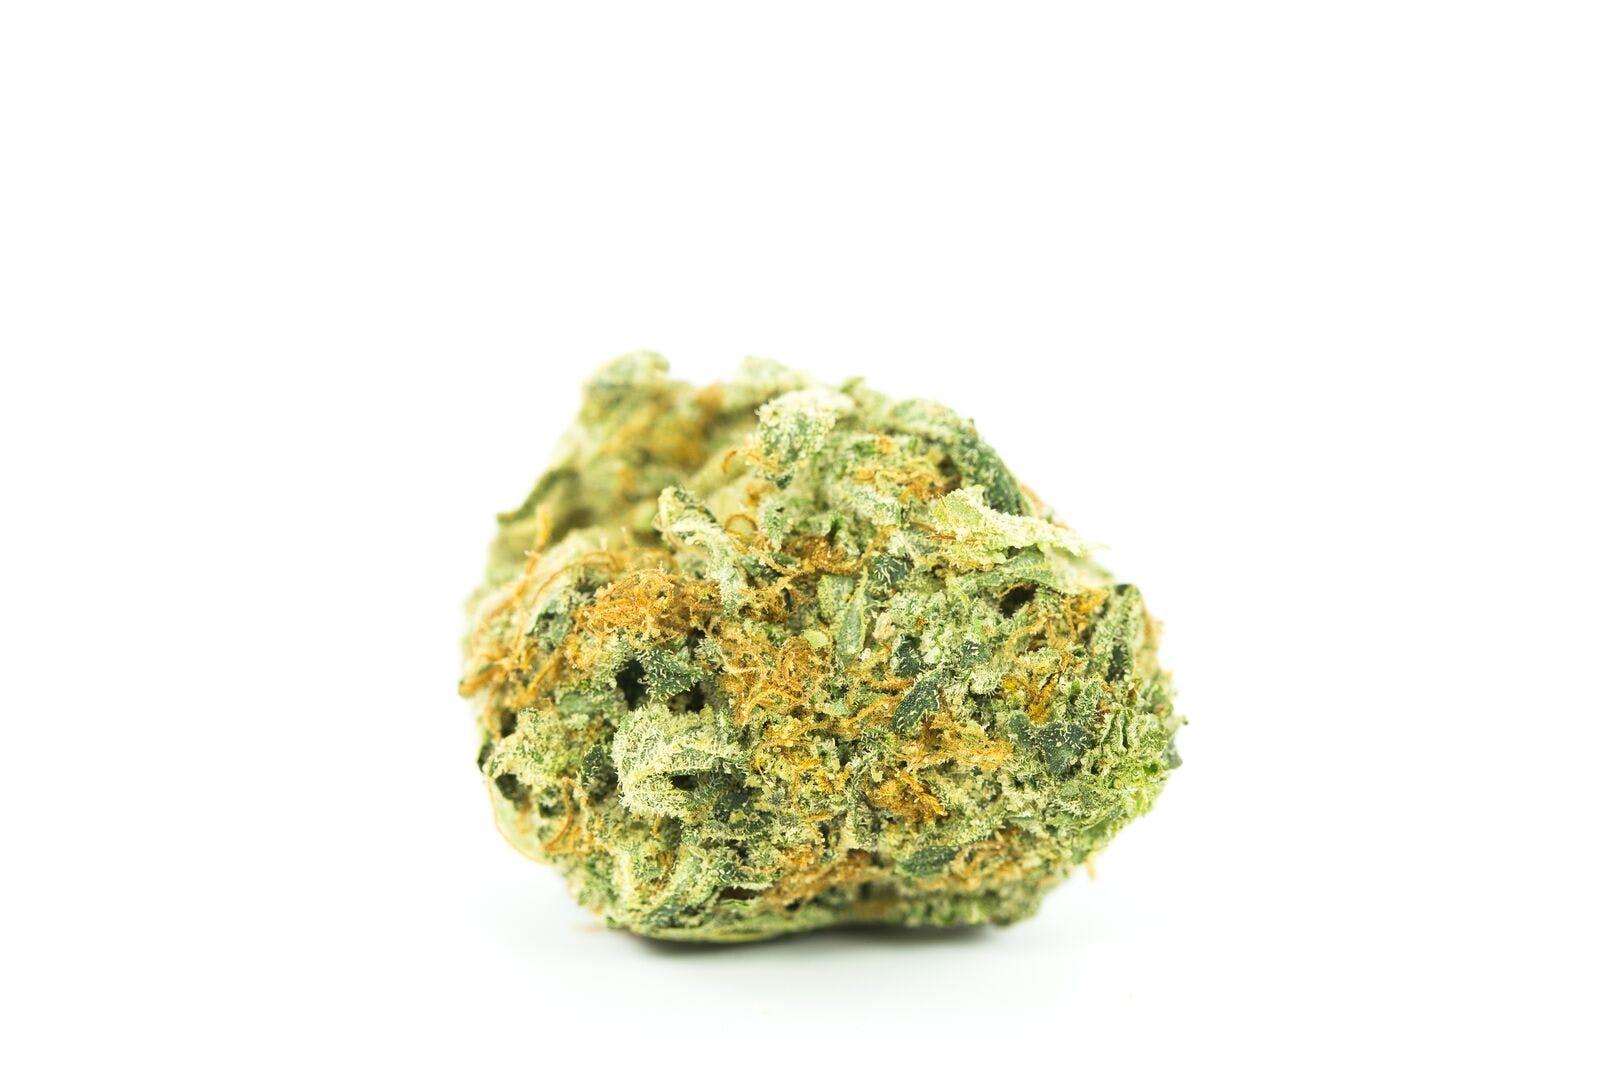 Golden Ticket Weed; Golden Ticket Cannabis Strain; Golden Ticket Hybrid Marijuana Strain